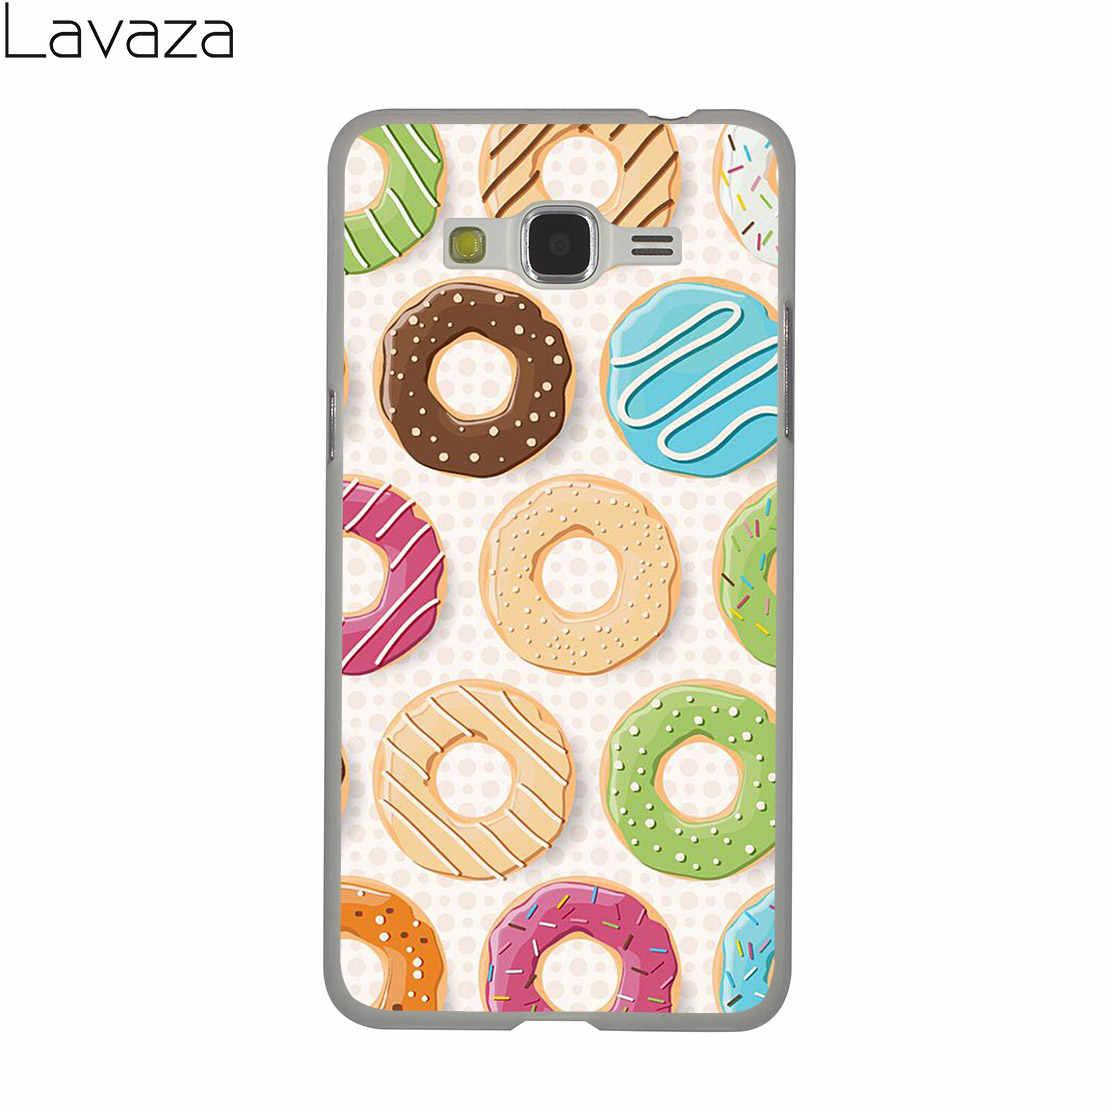 Lavaza вкусные чашки торт пончики десерт сердце пищу для samsung Galaxy A6 A8 плюс A7 A9 2018 A3 A5 2017 2016 2015 примечание 9 8